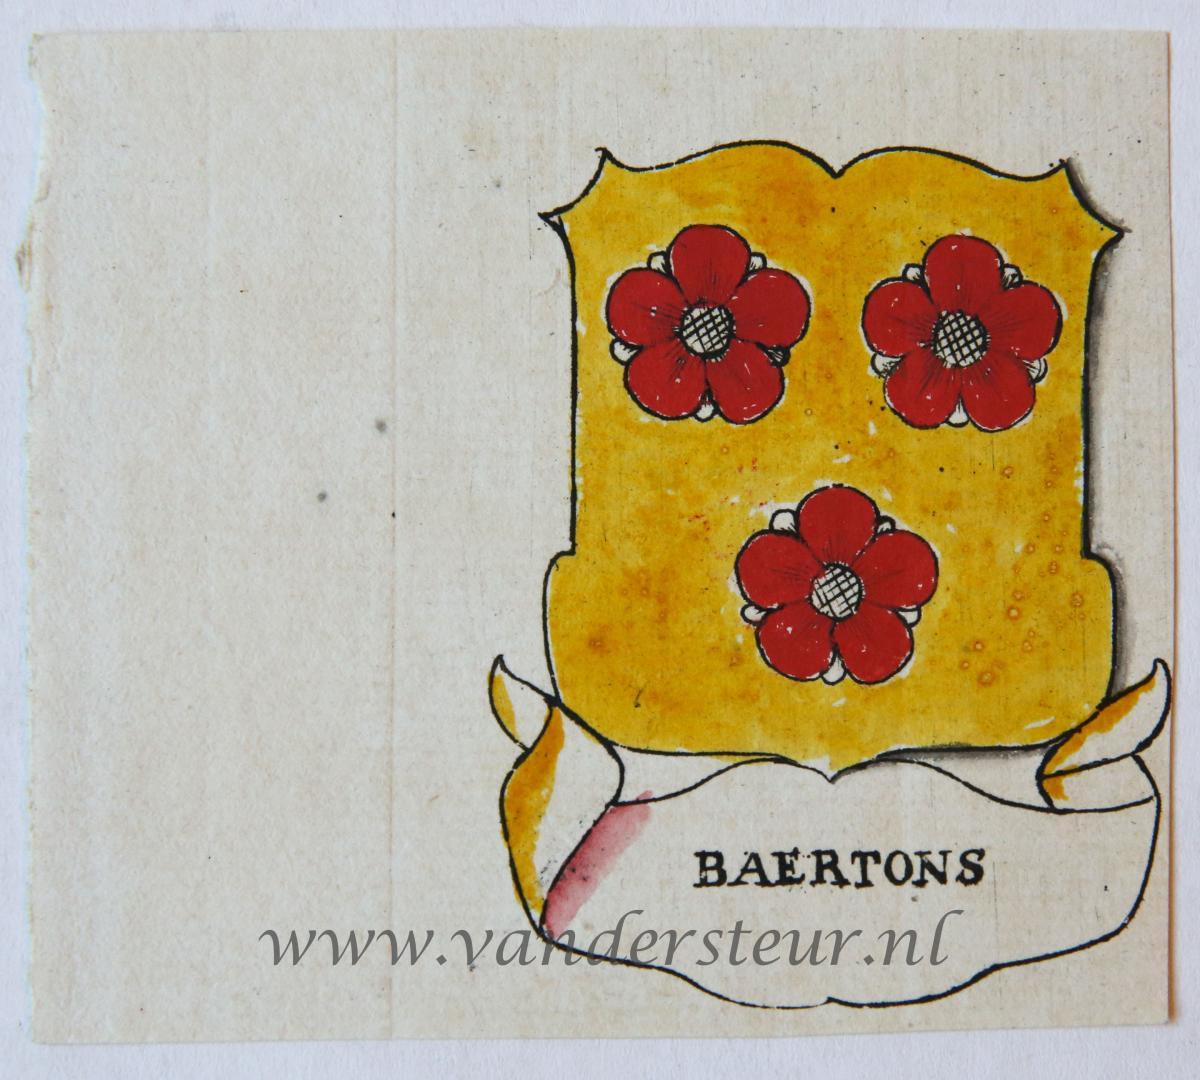 Wapenkaart/Coat of Arms: Baertons